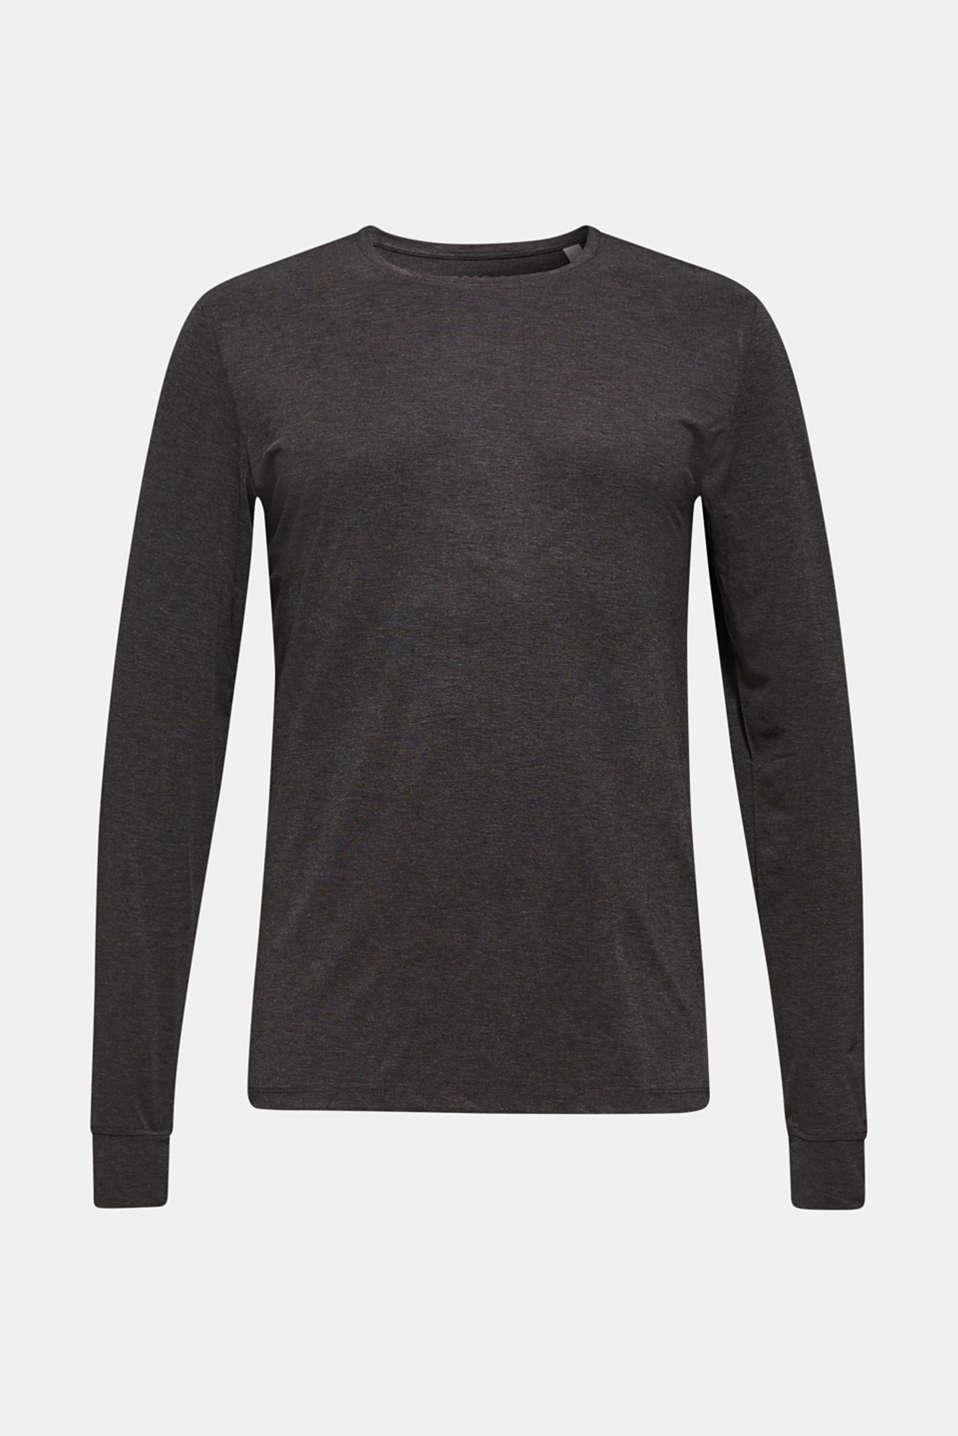 Warming jersey top, DARK GREY, detail image number 6